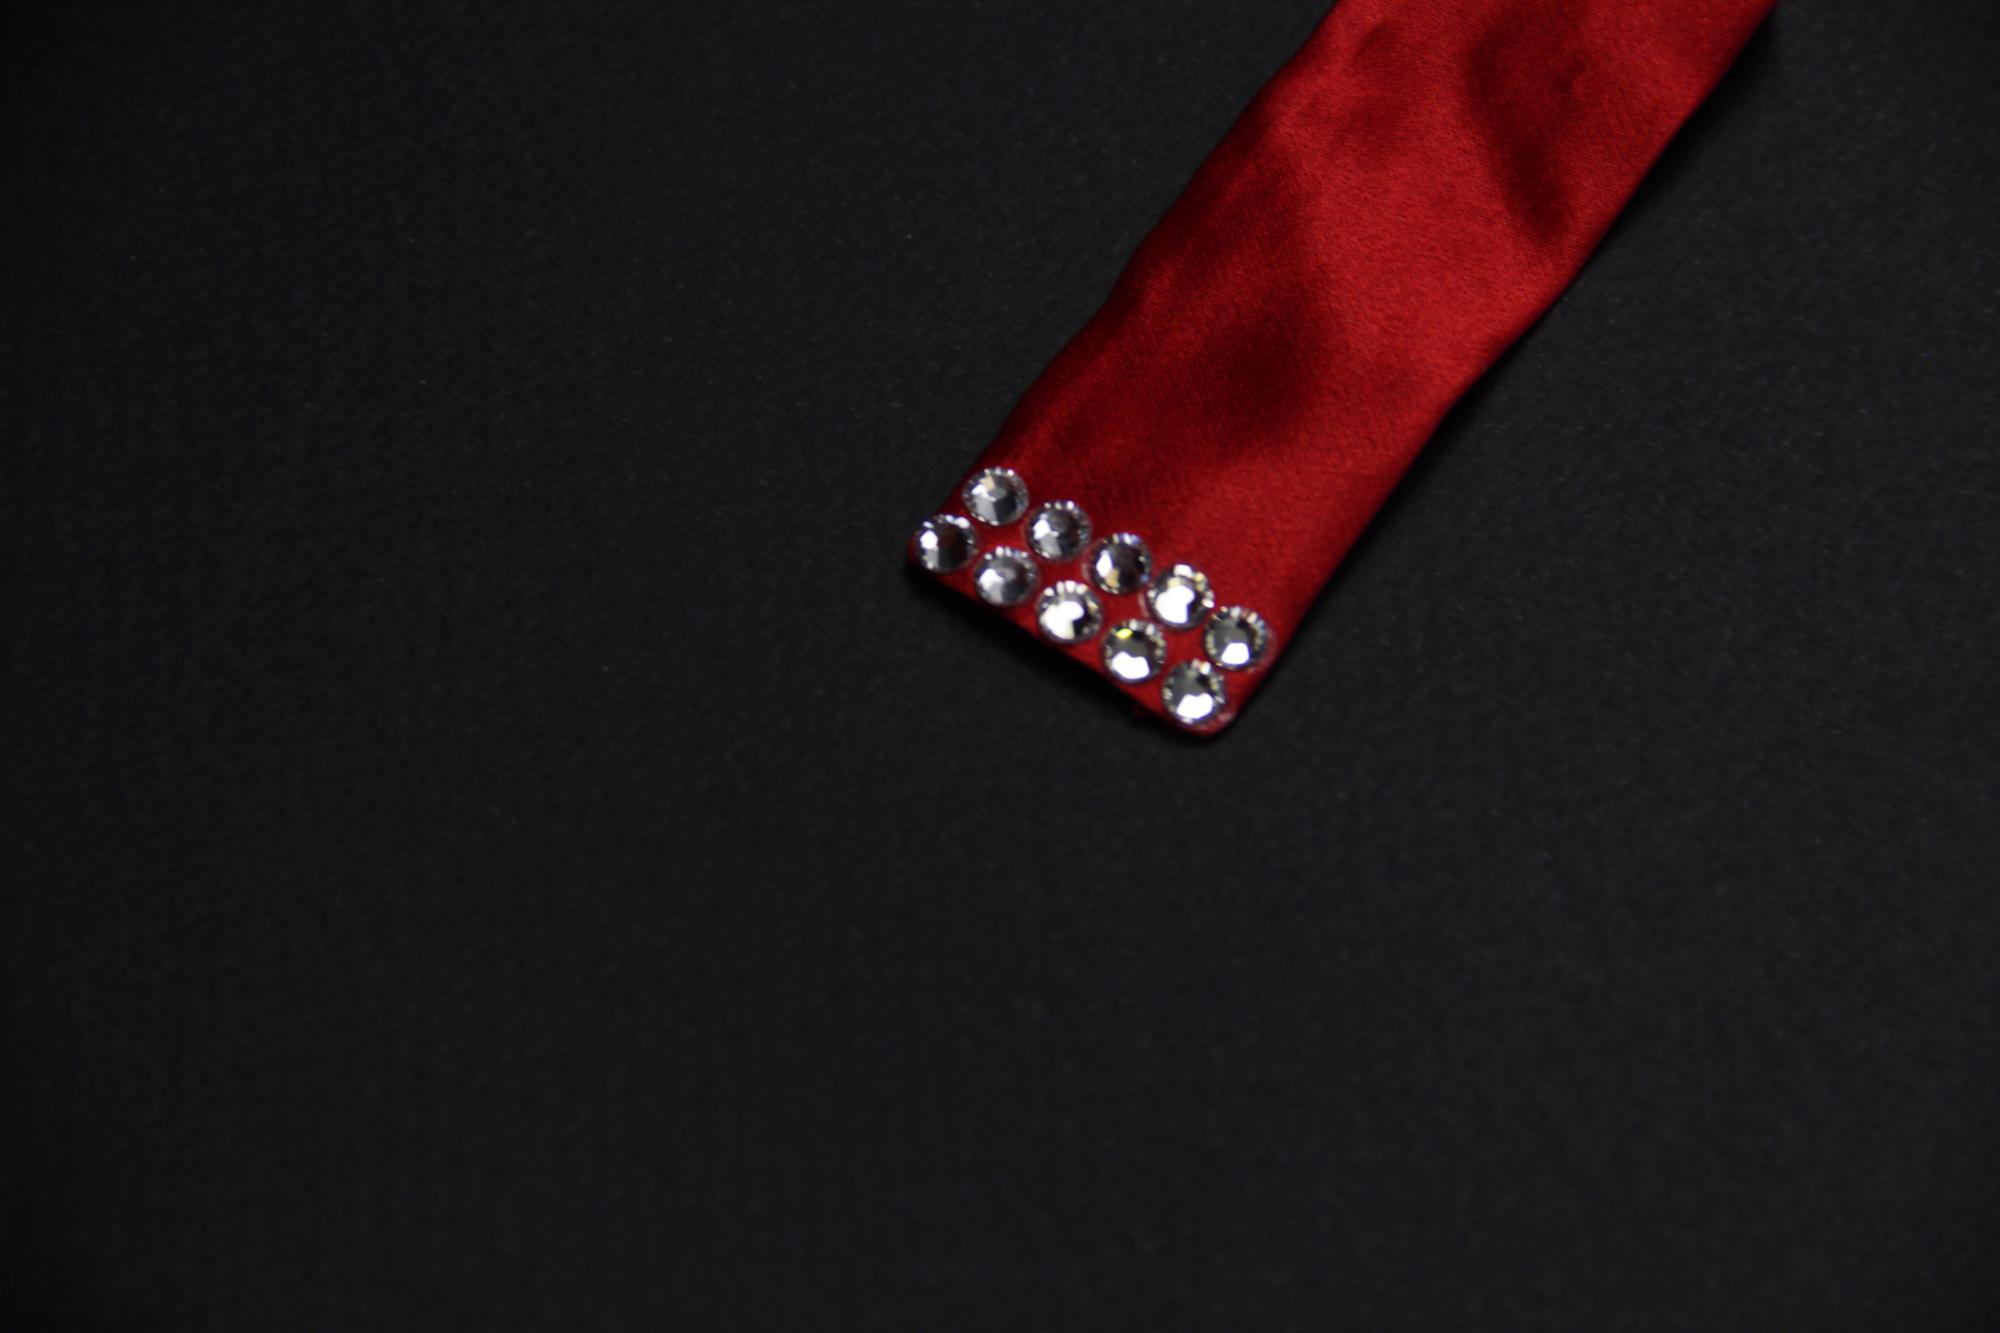 Обзор подвязки из шелк-сатина Sonata Rapalyte в журнале о нижнем белье и стиле GB {Garterblog.ru}